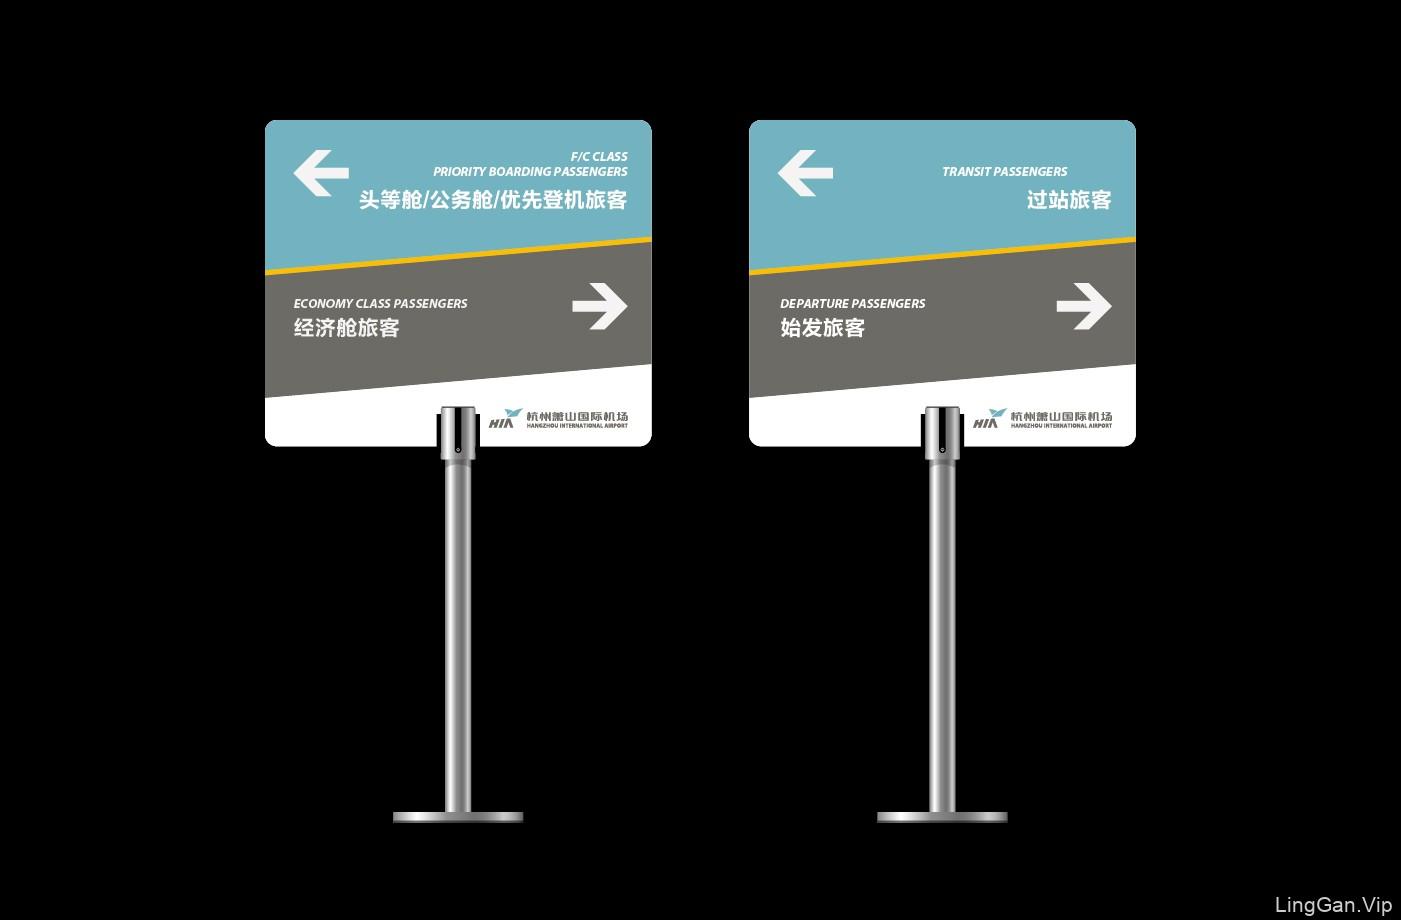 杭州萧山国际机场LOGO及VI形象展示